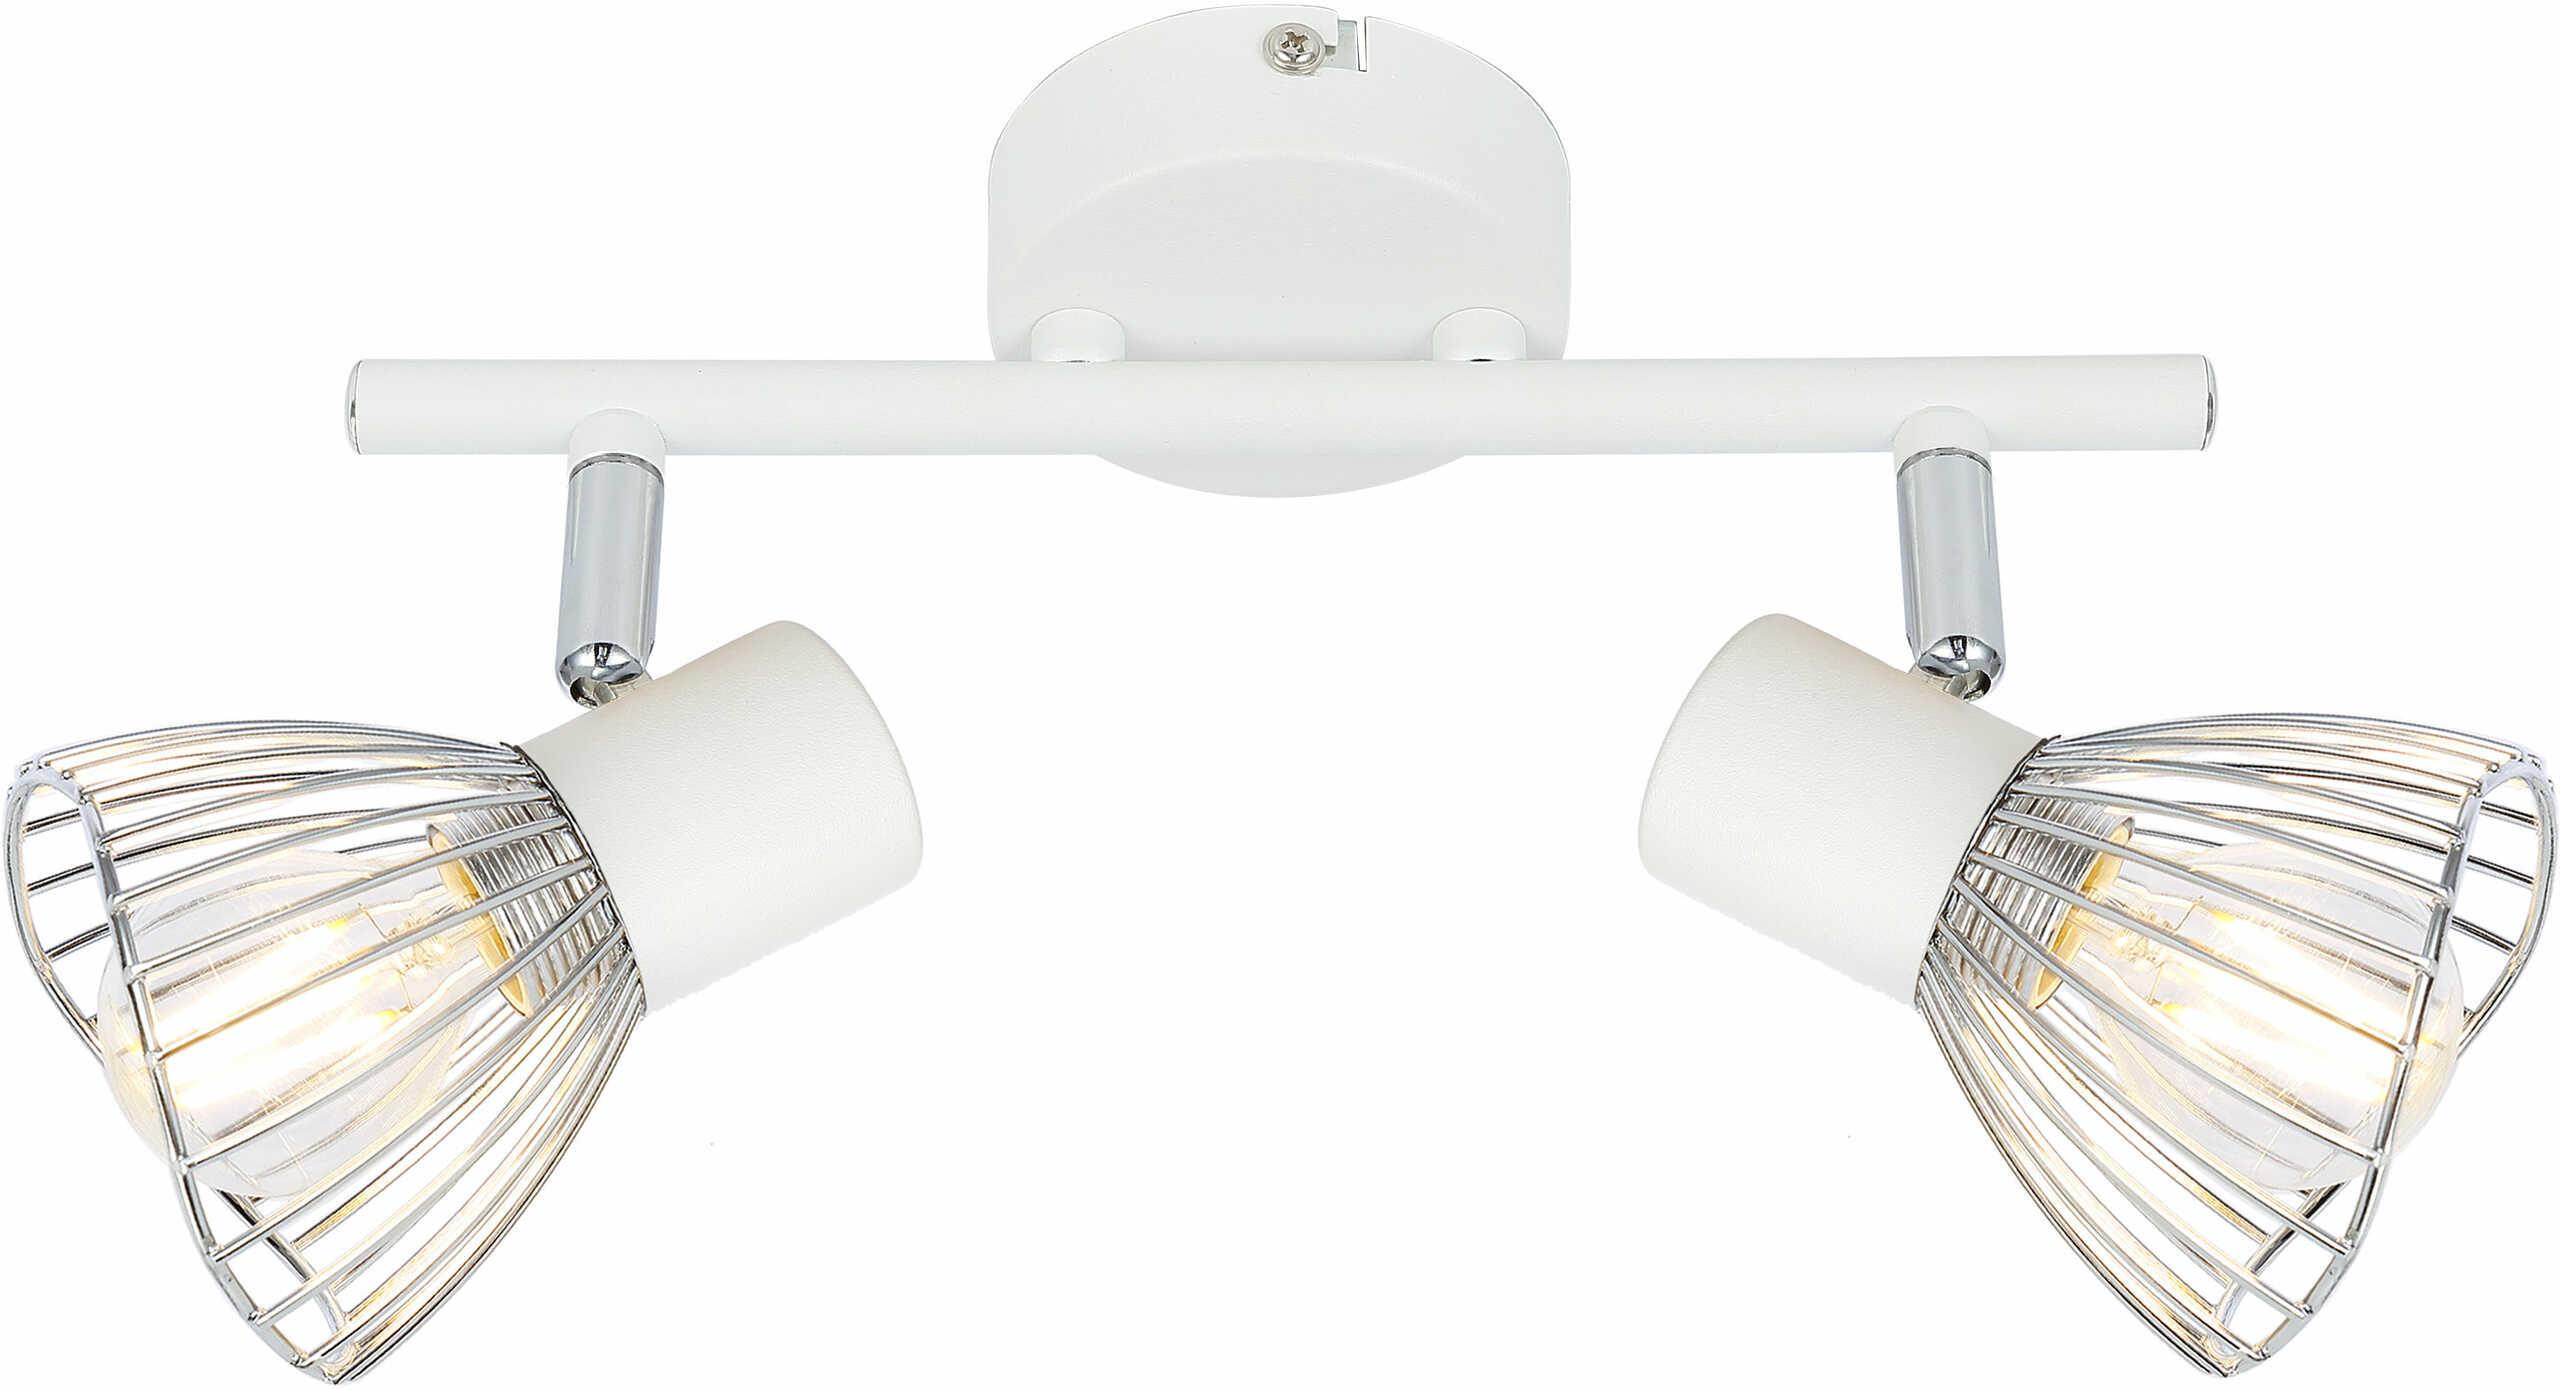 Candellux FLY 92-61966 oprawa oświetleniowa biała+chrom 2X40W regulacja klosza E1439cm